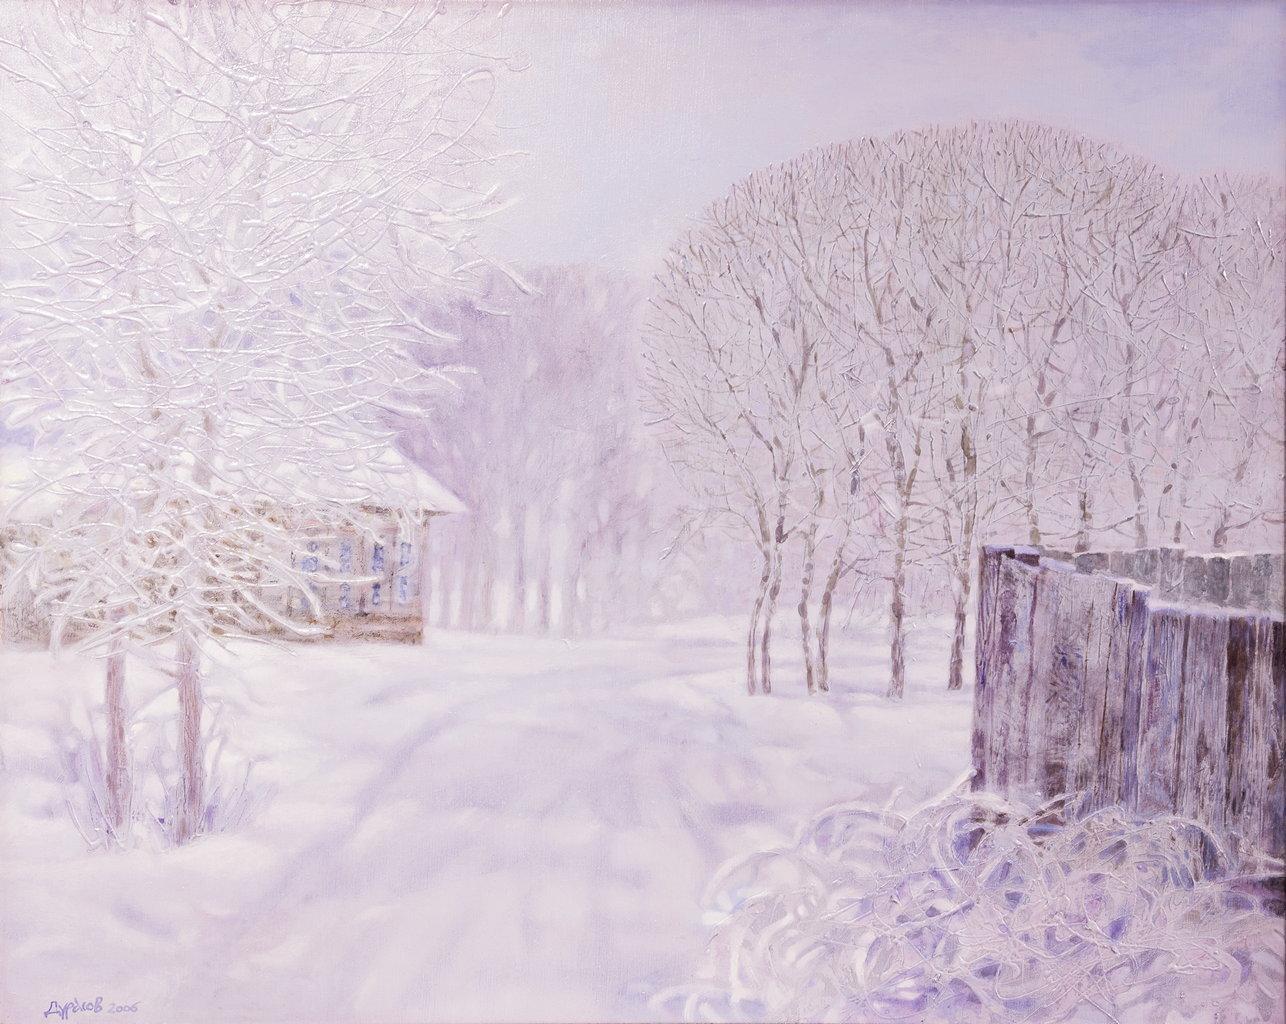 Поворот на весну, Дурасов Алексей